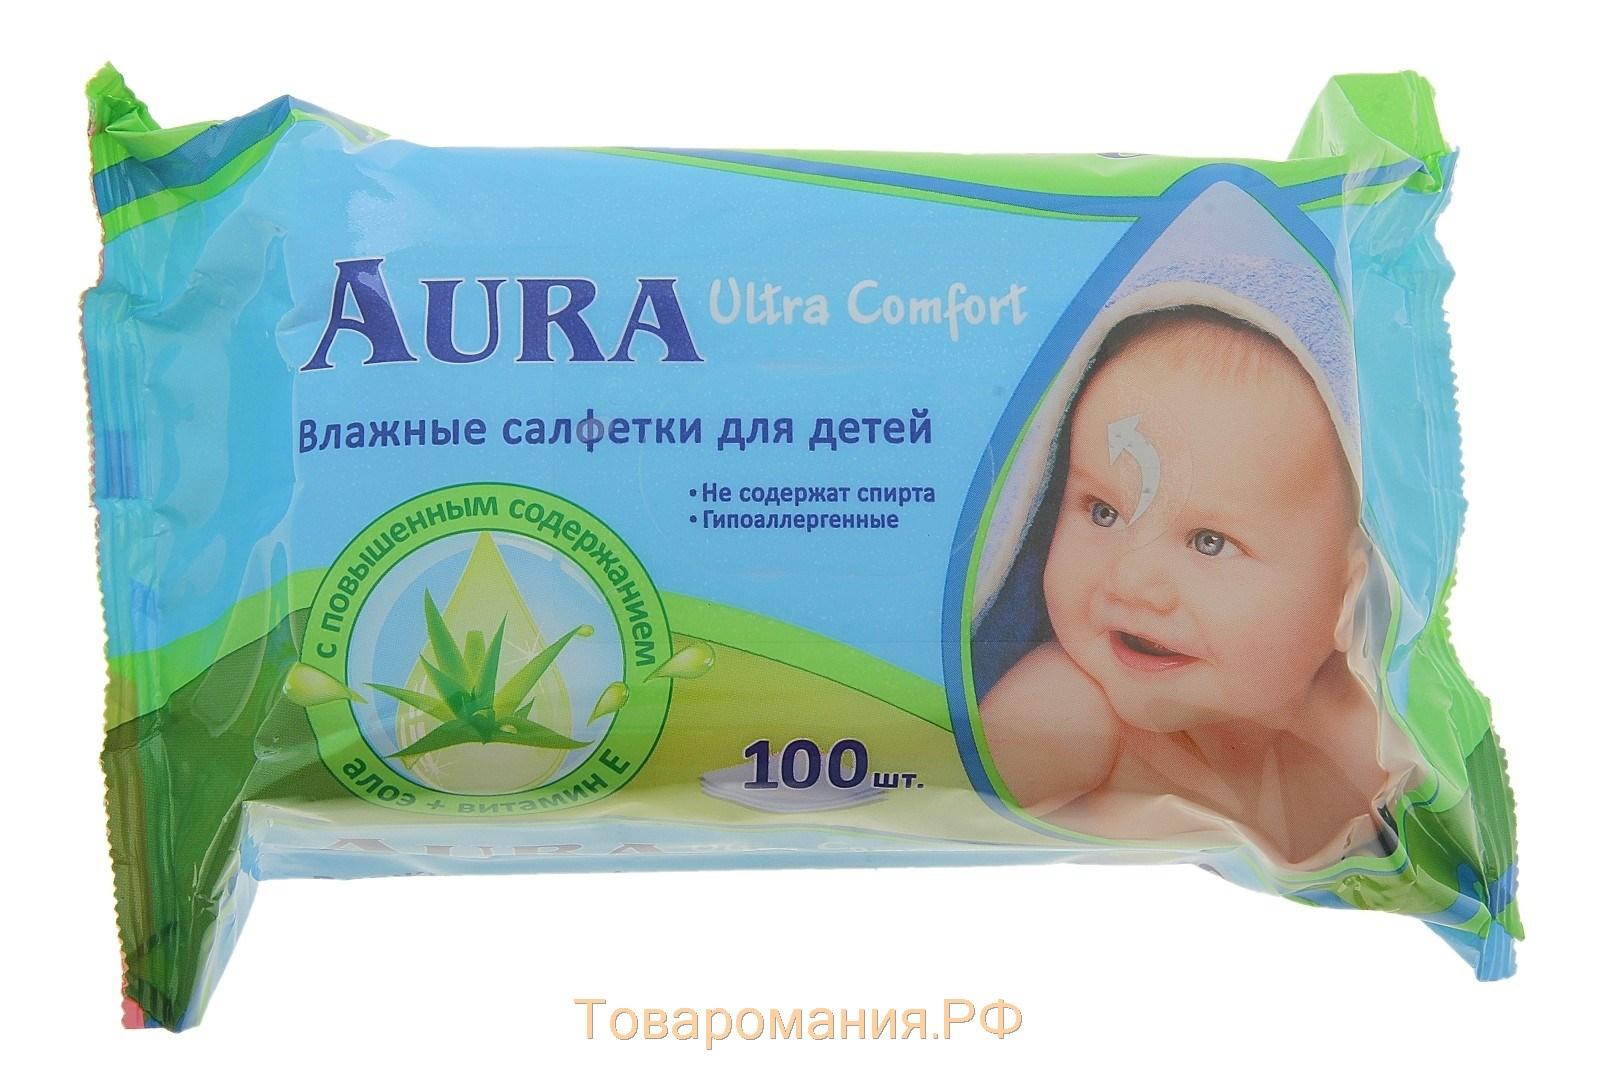 Аура для детей фото